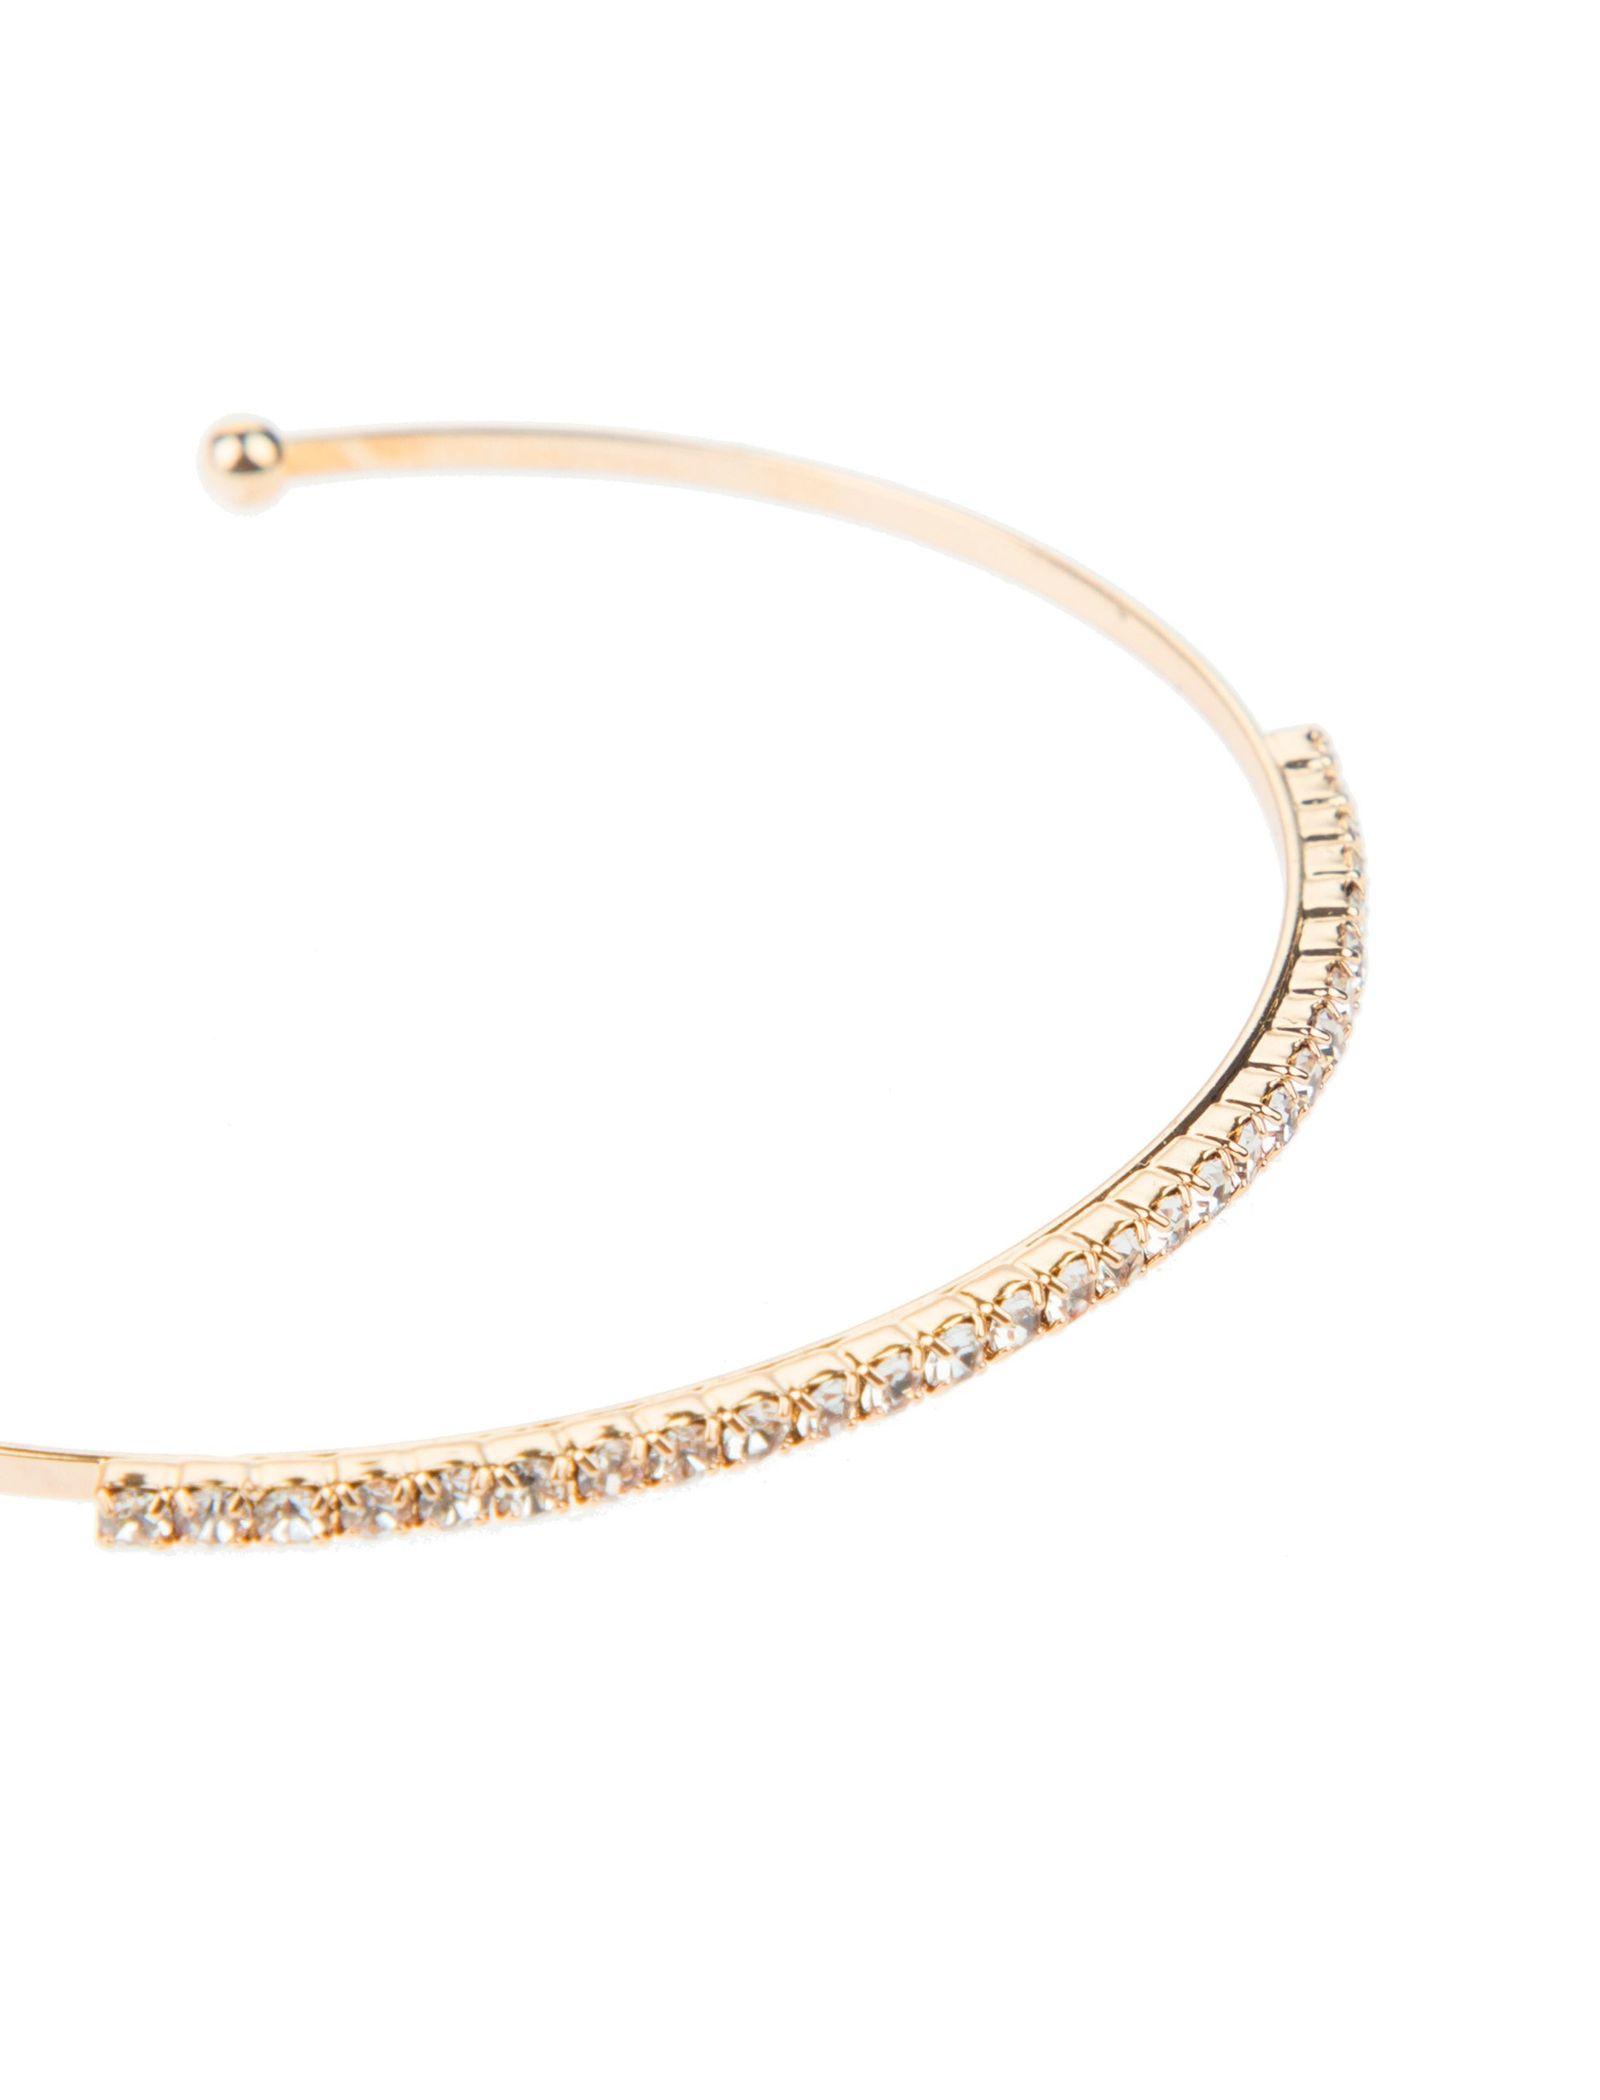 دستبند النگویی زنانه بسته 3 عددی - آلدو تک سایز - طلايي - 7